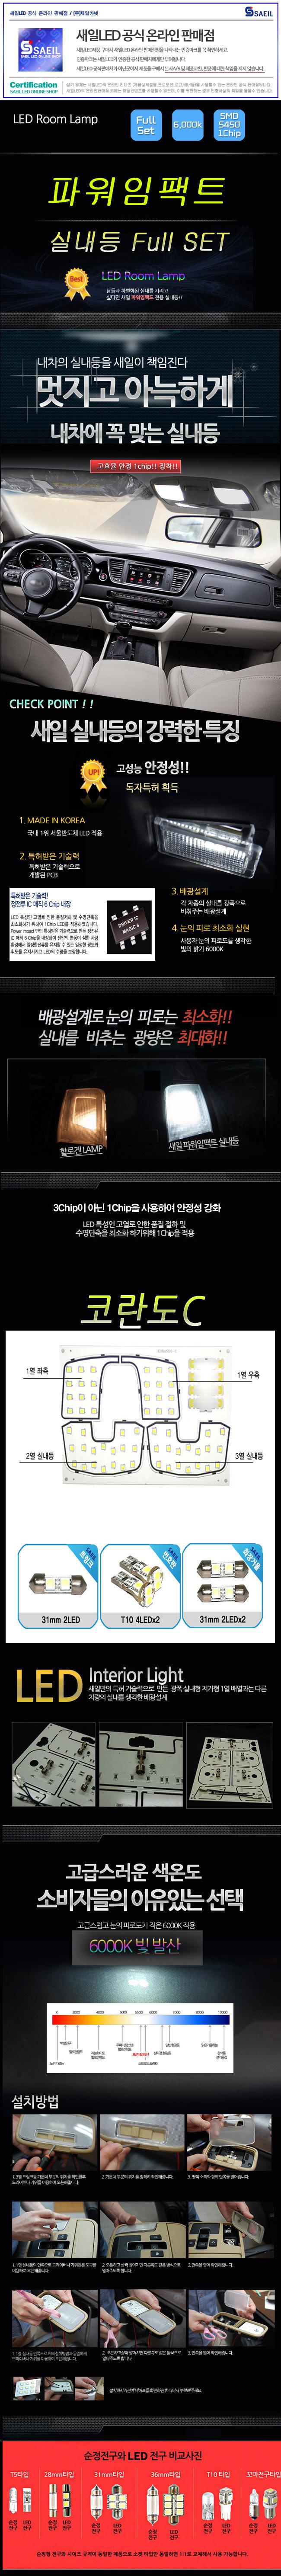 [파워임팩트] 새일 LED실내등 고급형 풀세트 _ 코란도C